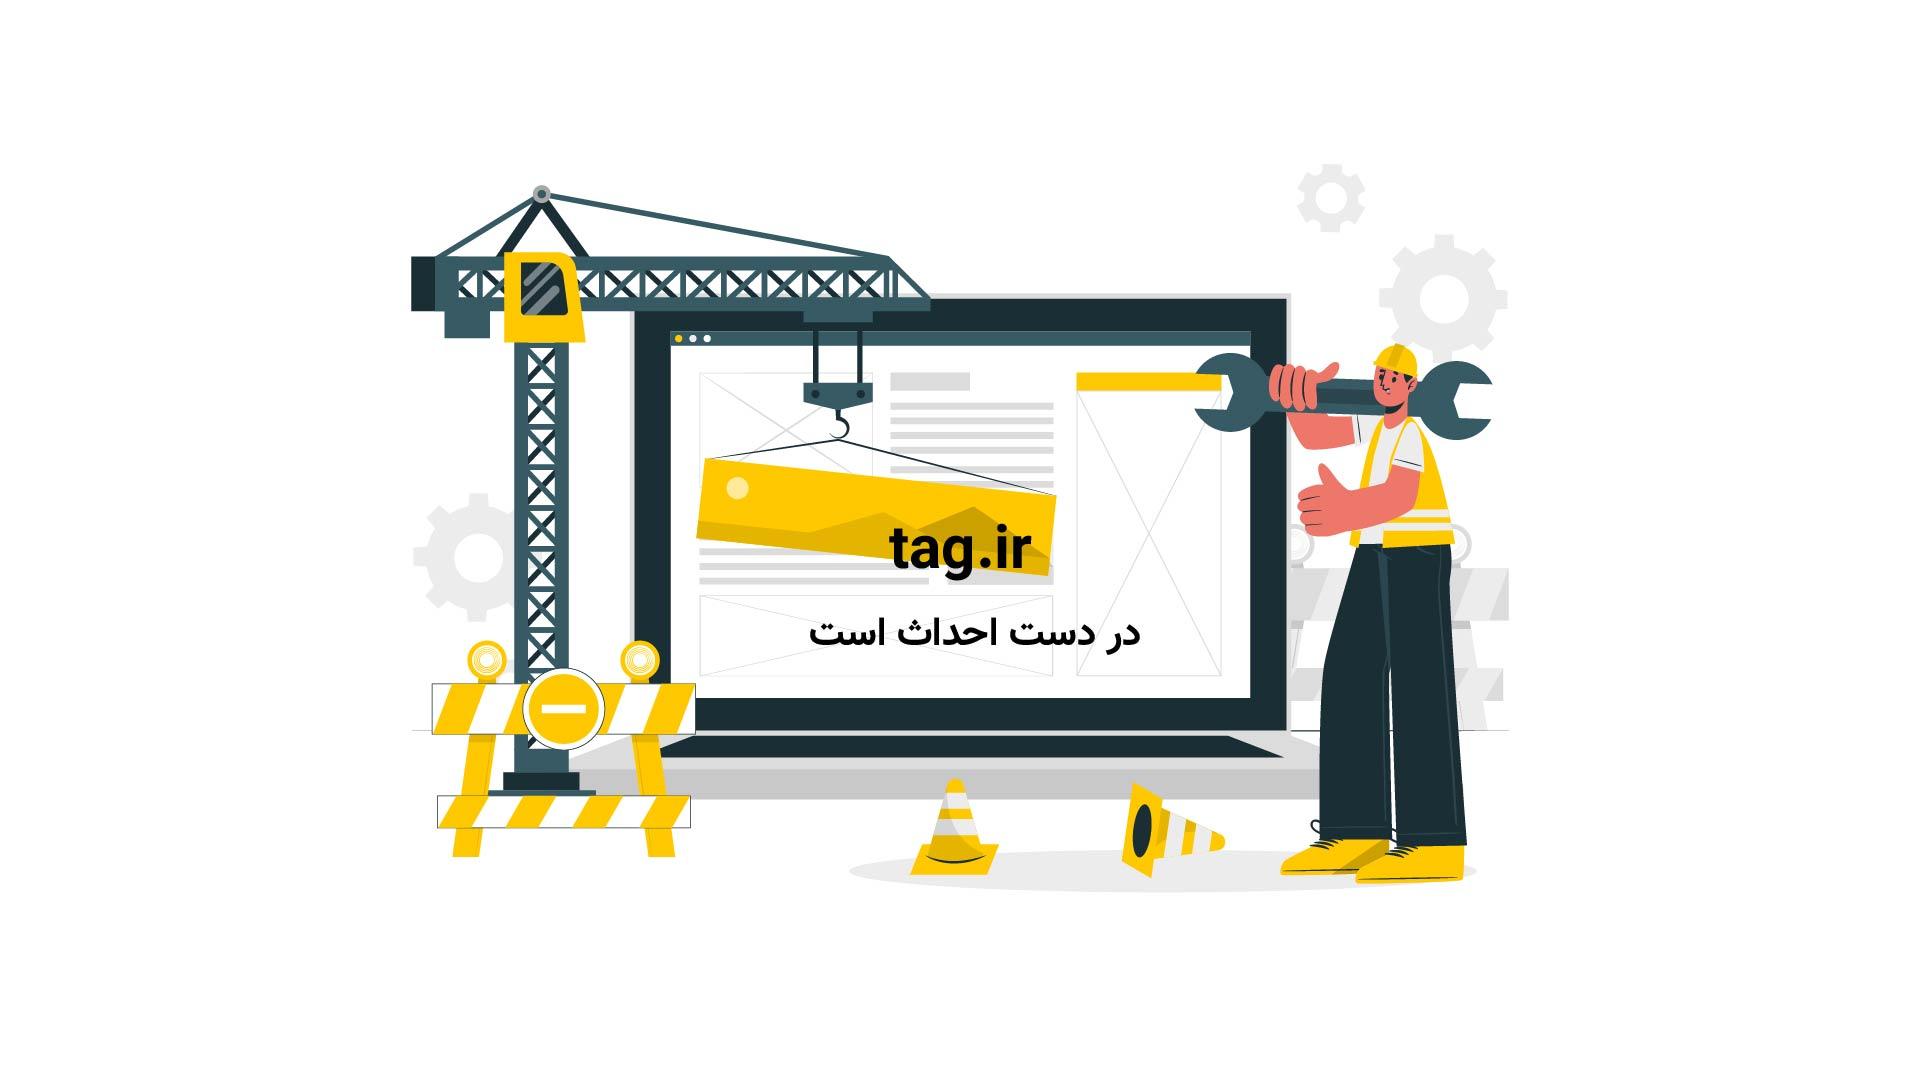 سر خوردن کامیون برف | تگ